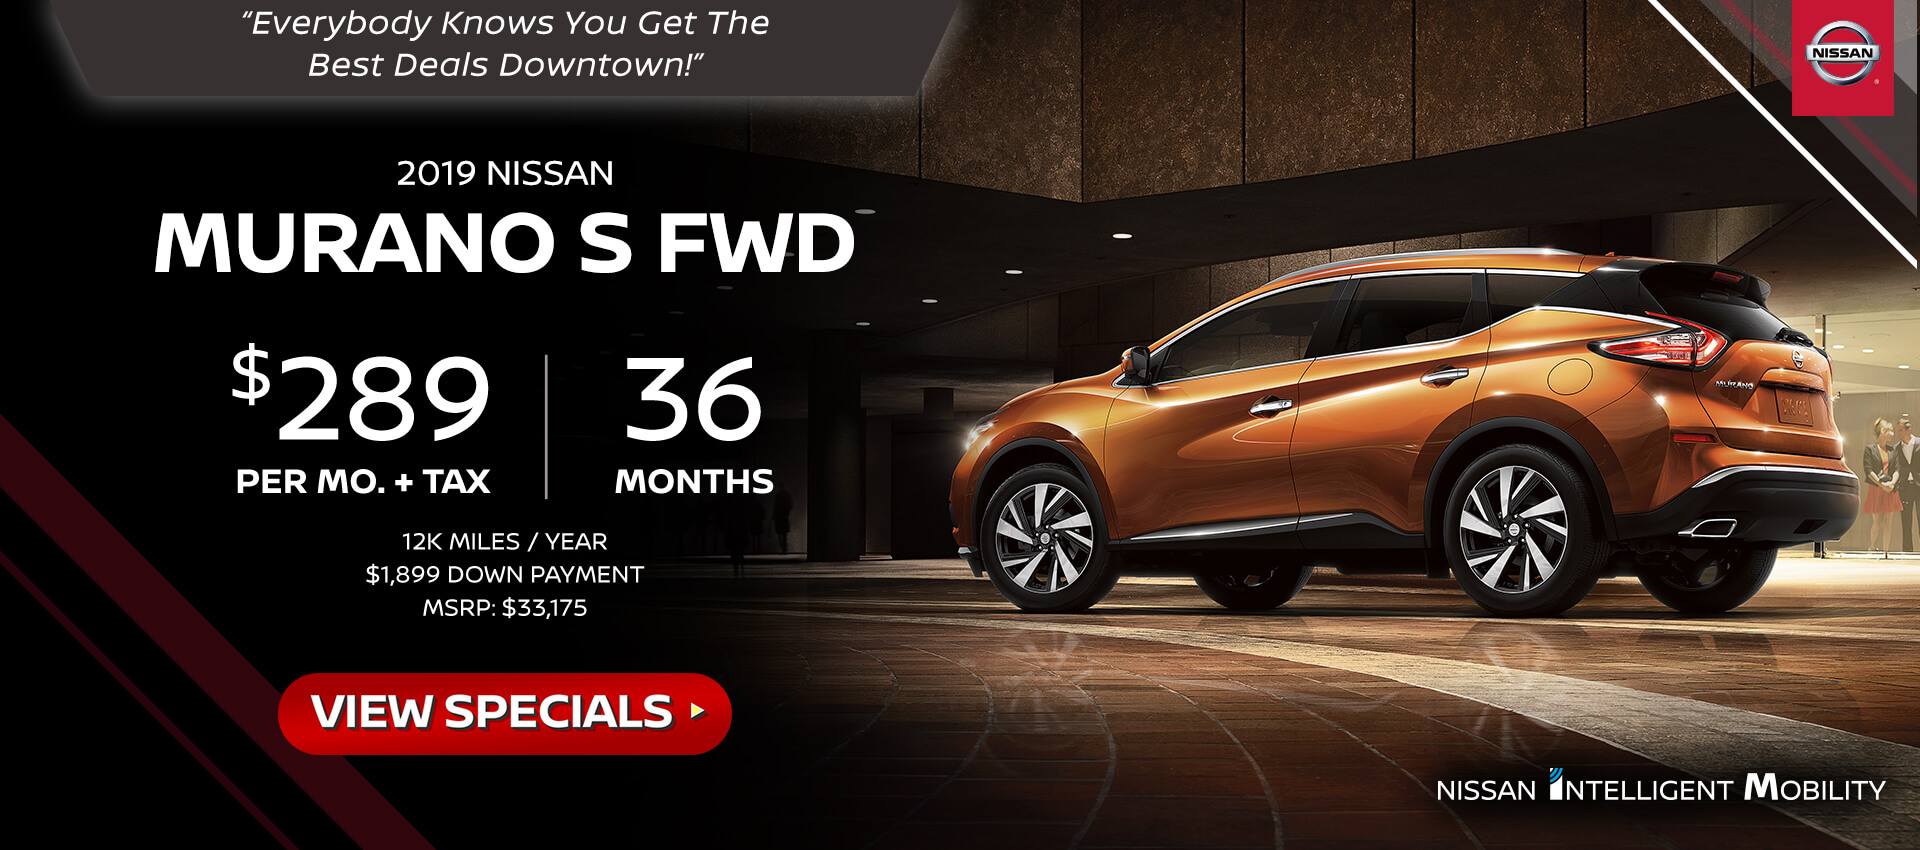 Nissan Dealership Los Angeles >> Nissan Dealer Los Angeles Hollywood Pasadena Glendale Nissan